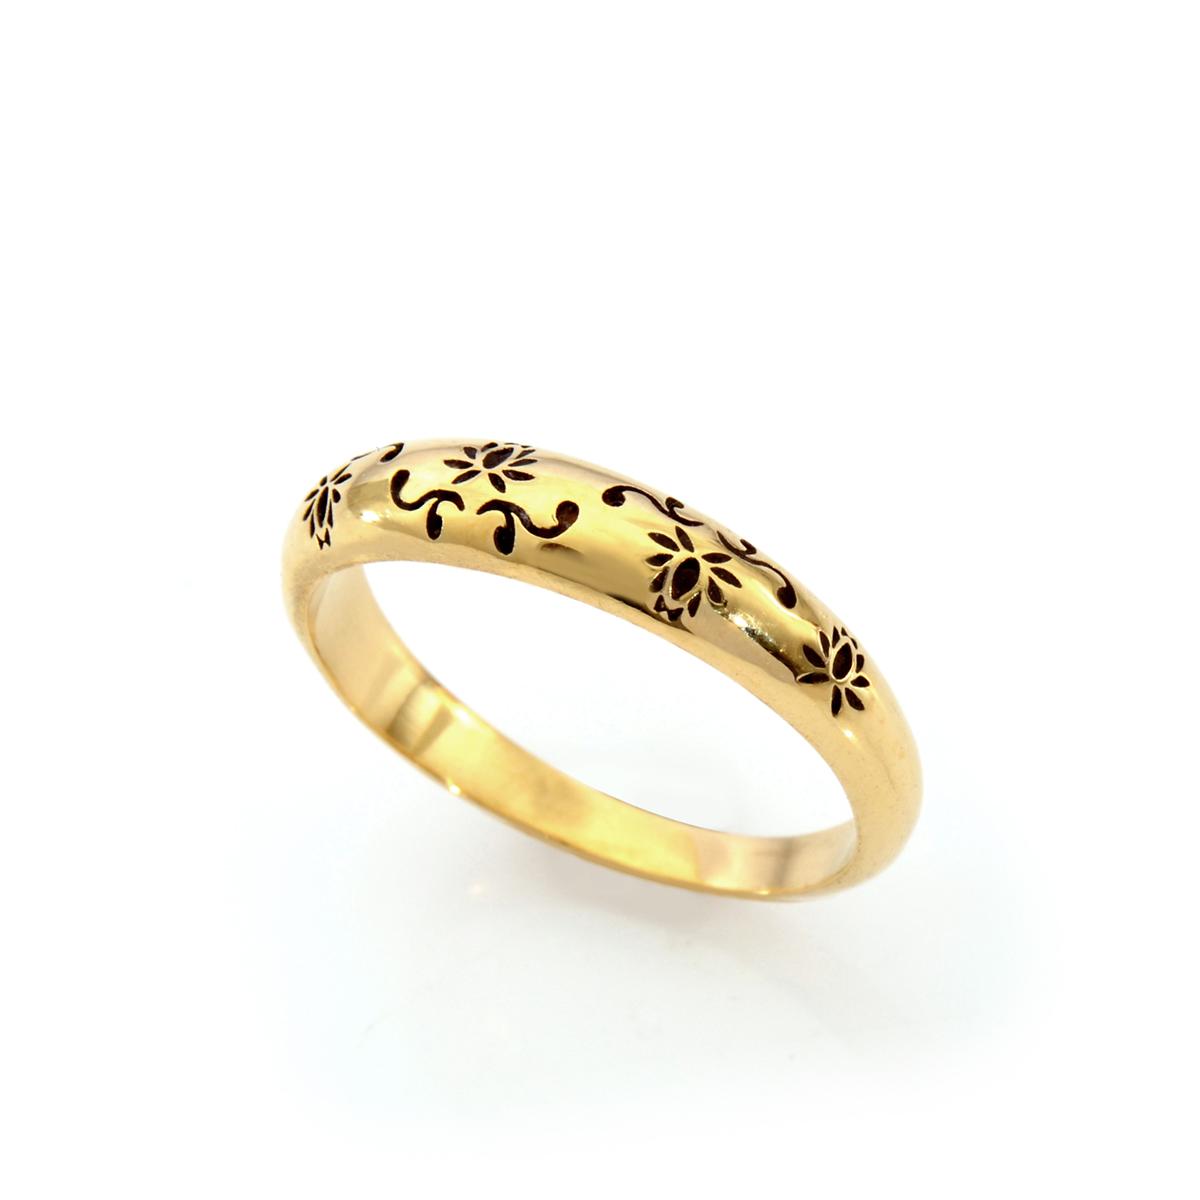 טבעת זהב עם חריטת פרחים מיוחדת